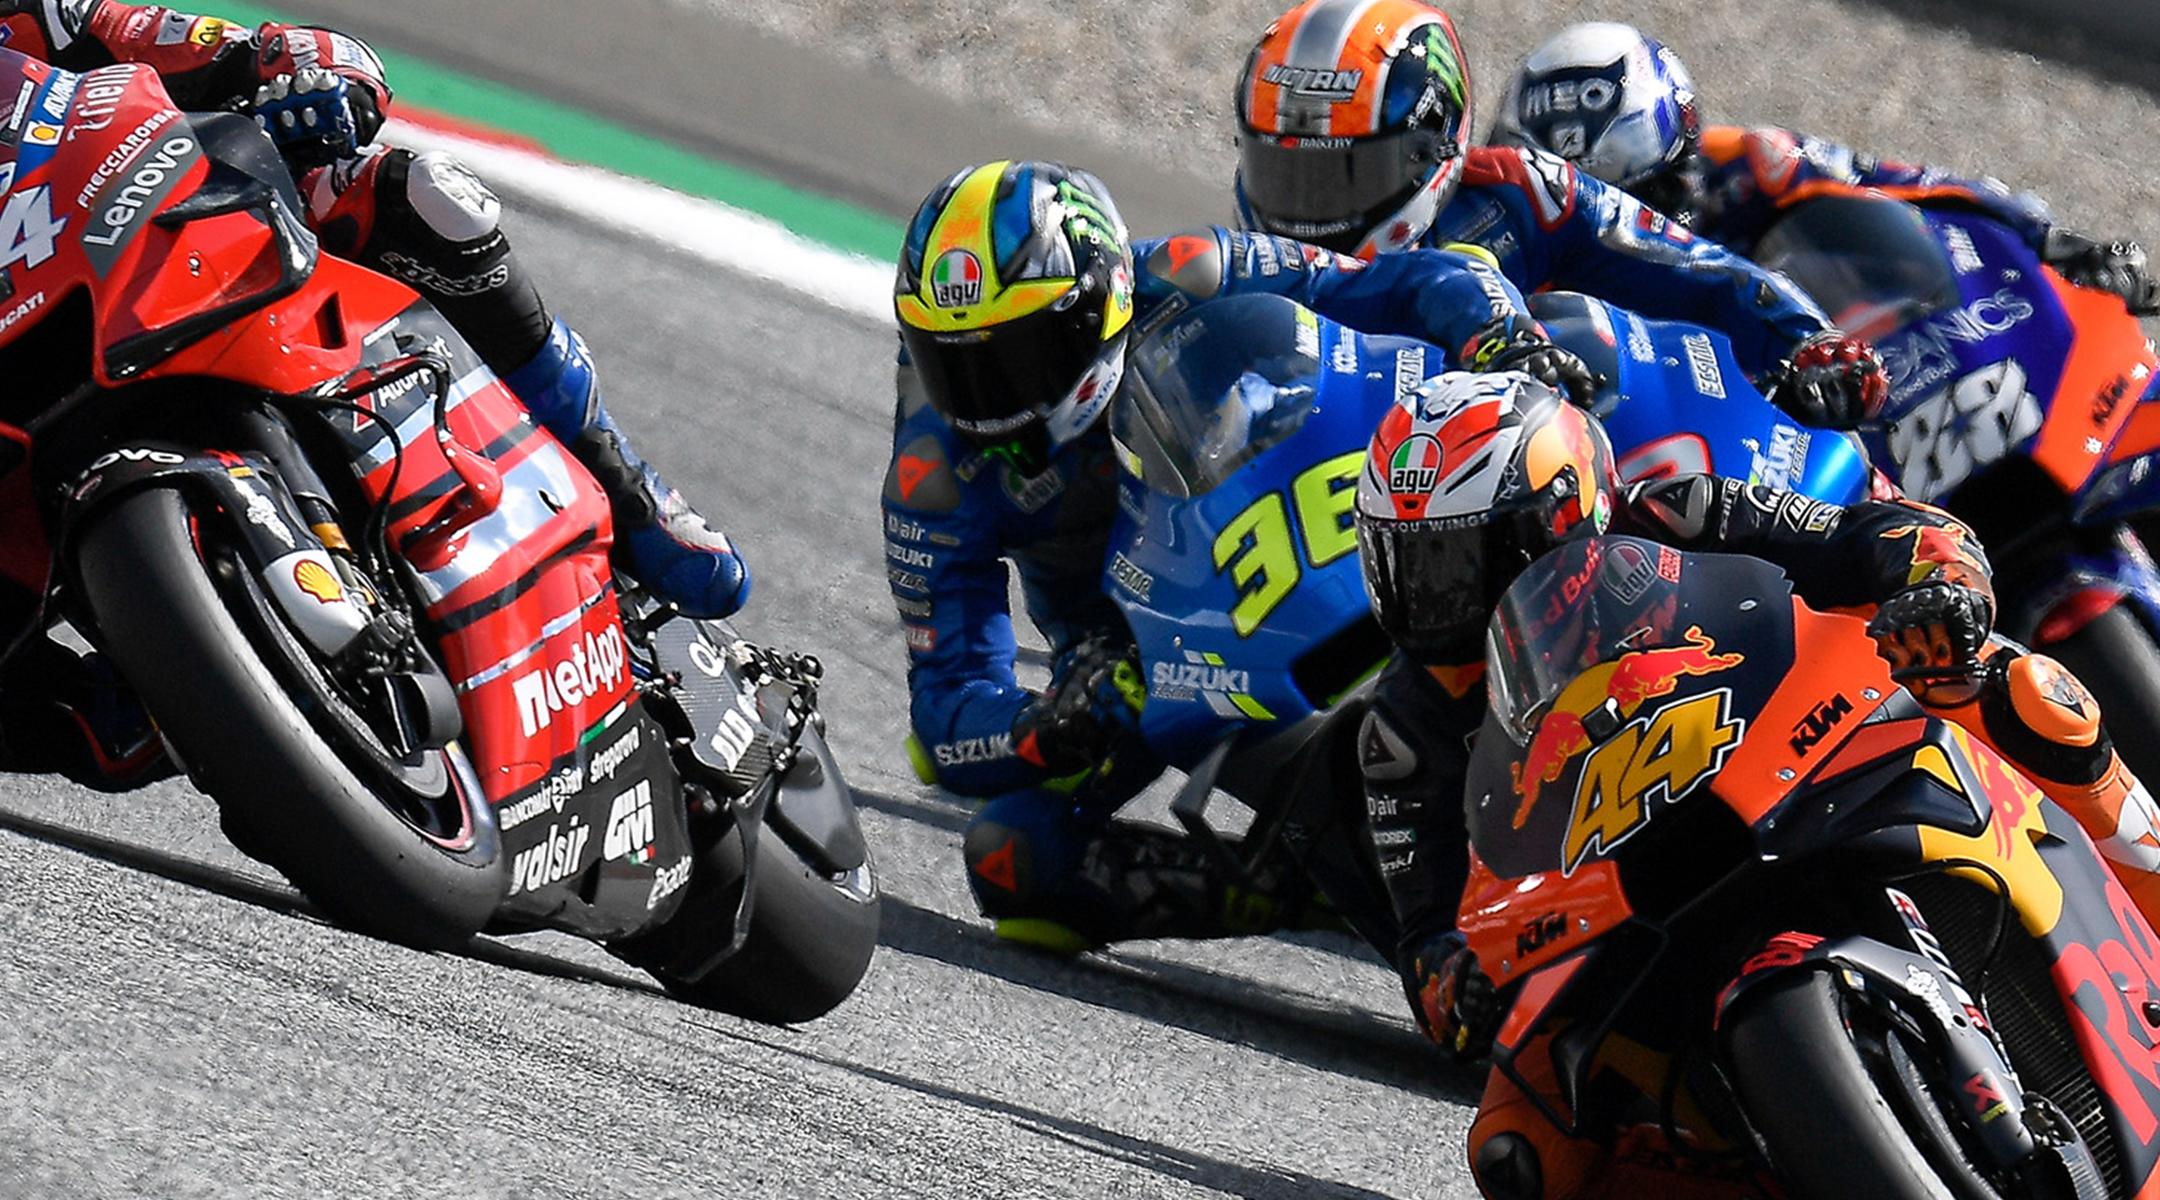 British Grand Prix MotoGP - Practice